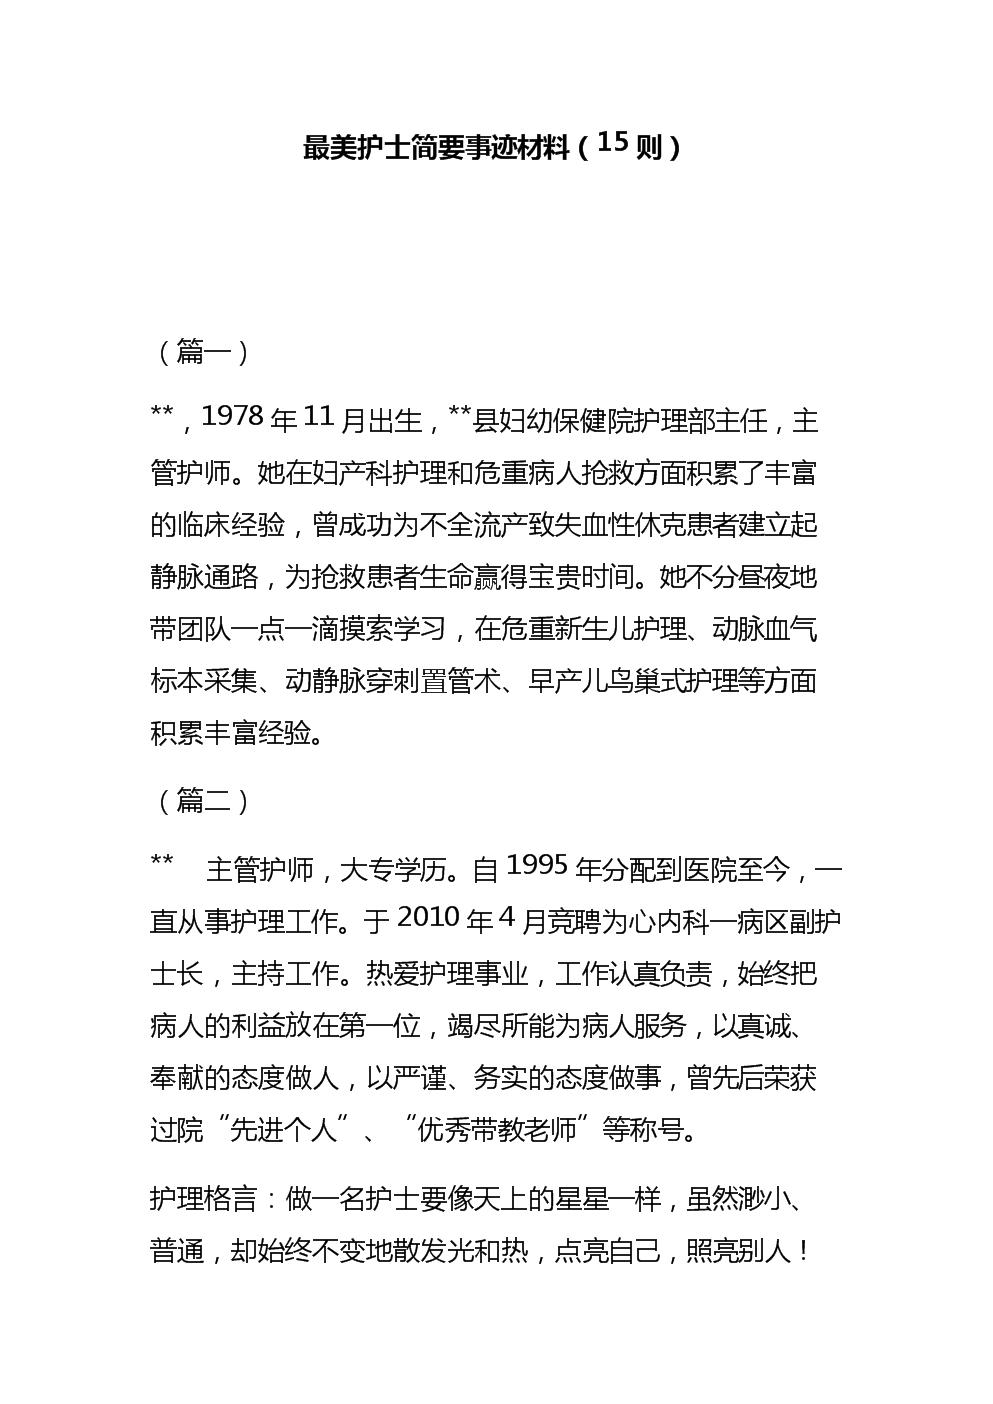 最美护士简要事迹材料(15则).docx